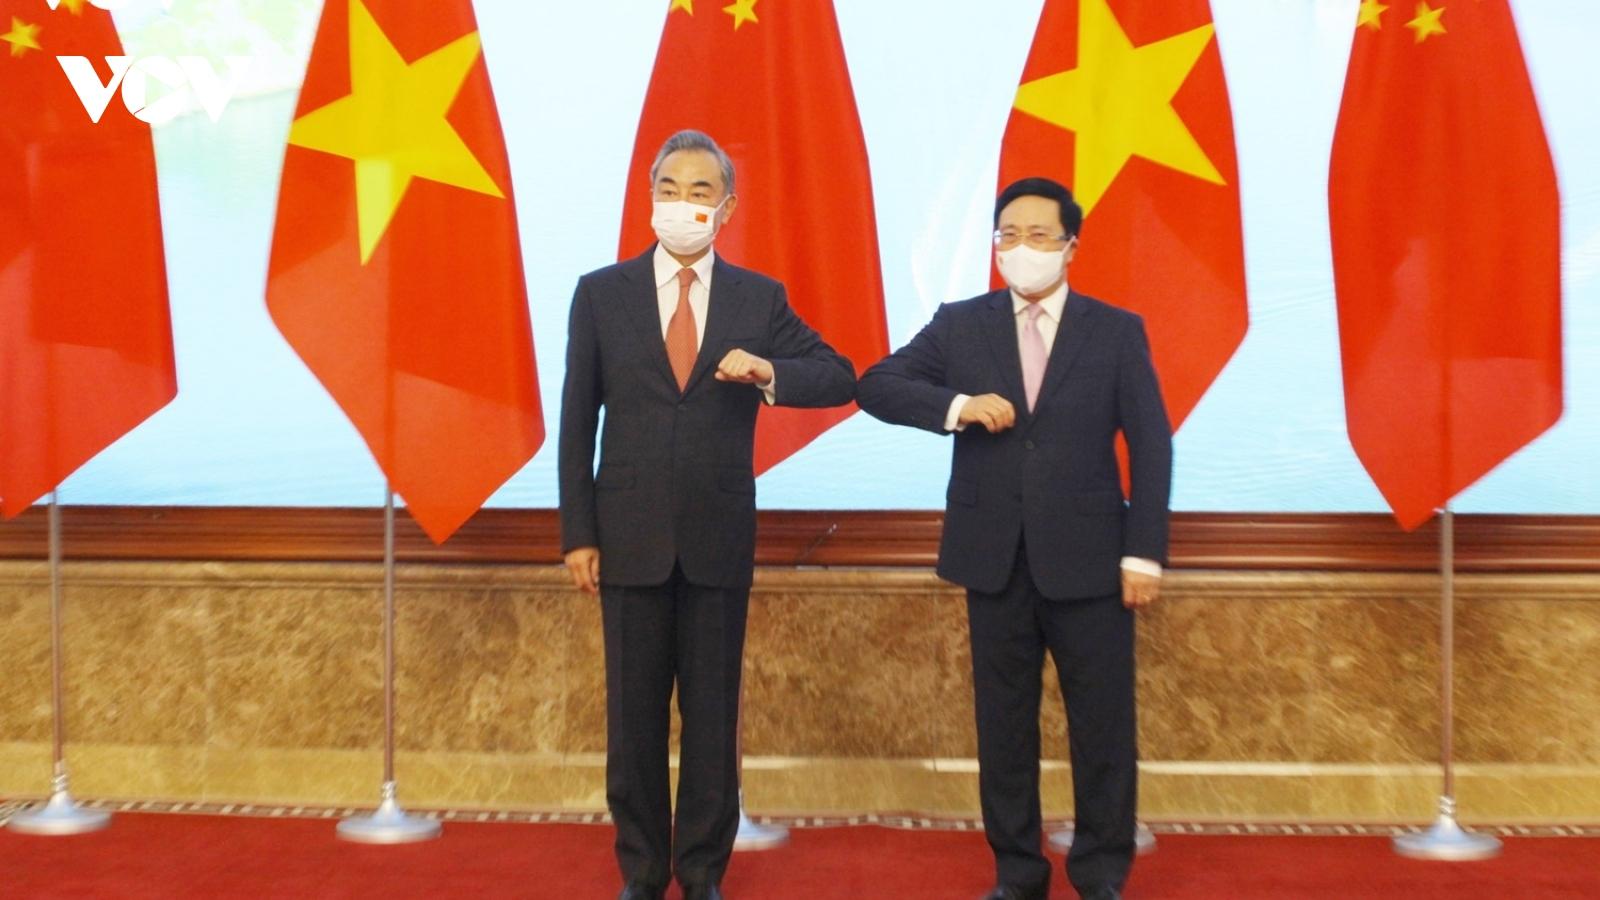 Phó Thủ tướng Phạm Bình Minh tiếp Ngoại trưởng Trung Quốc - Vương Nghị